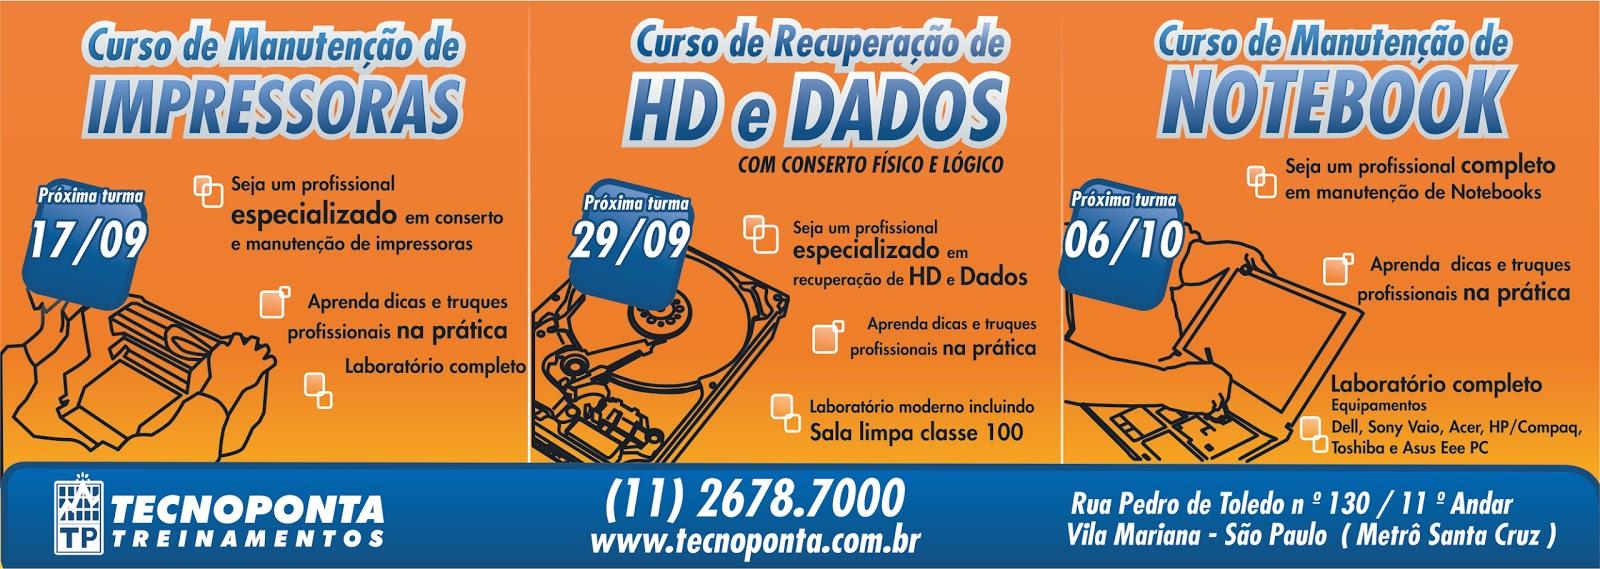 f09a441162a Jornal Ícone - Cursos de Impressoras HD e Dados